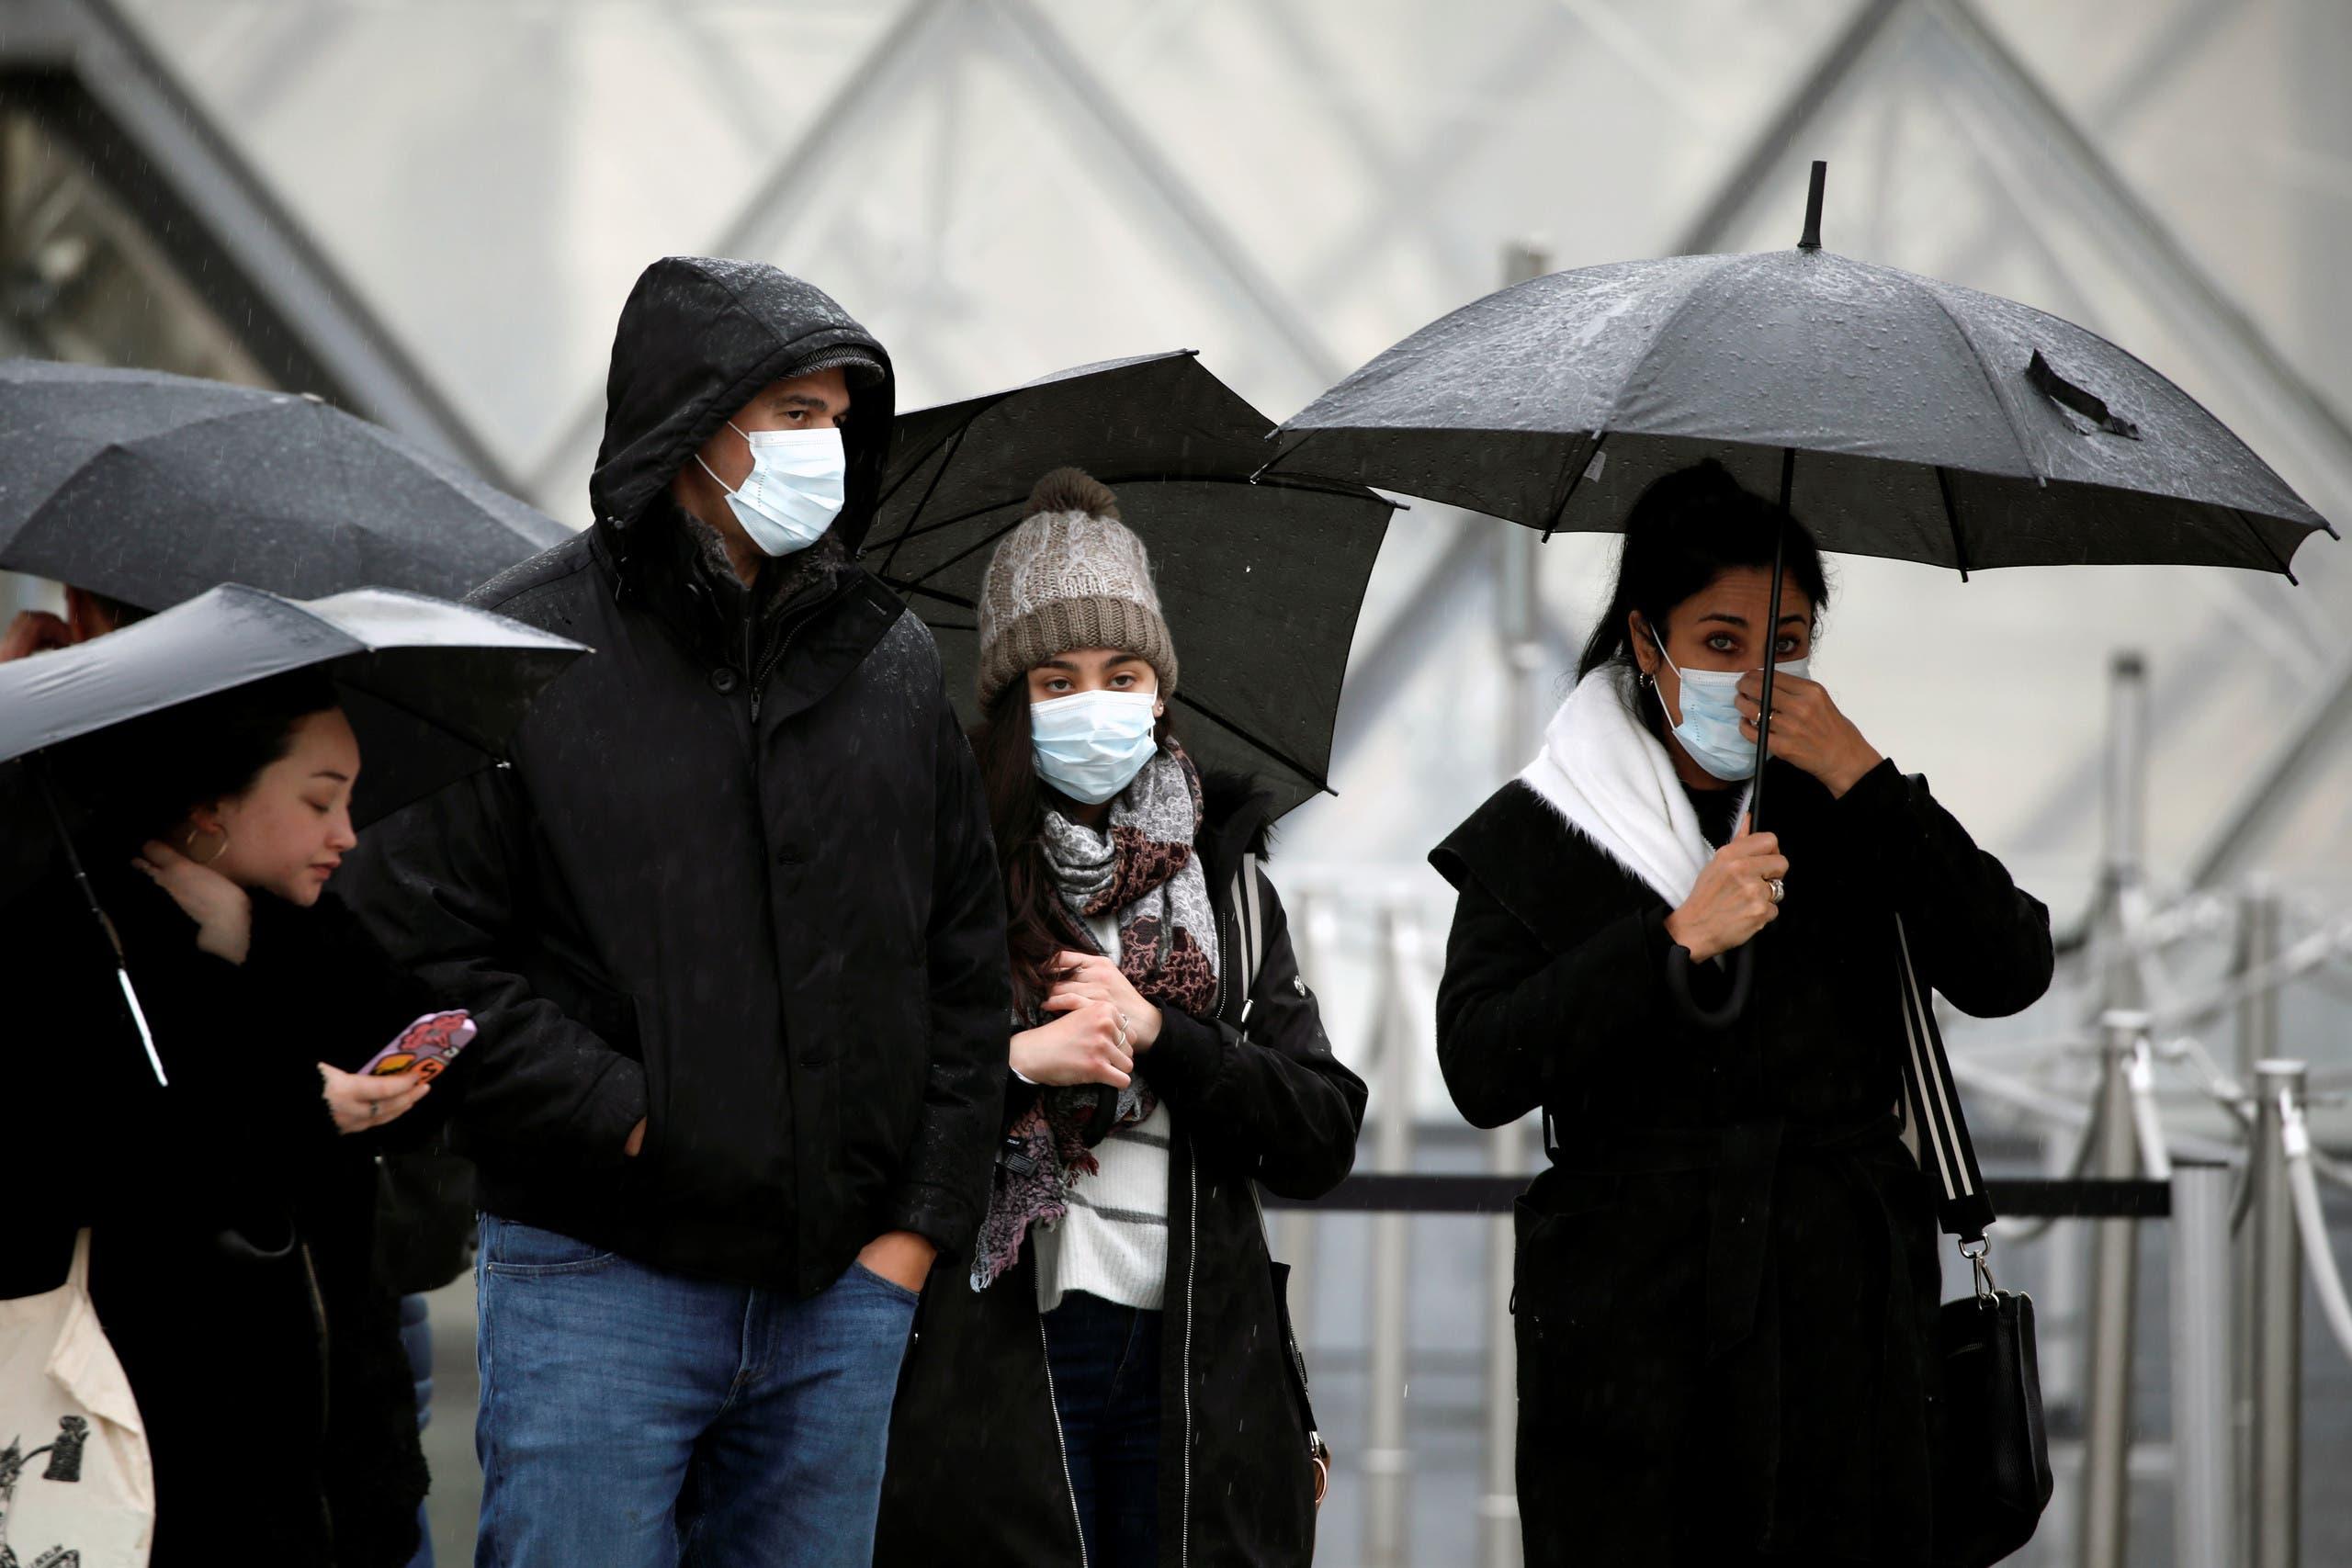 أشخاص يضعون كمامات للوقاية من خطر الإصابة بفيروس كورونا في باريس يوم الثاني من مارس